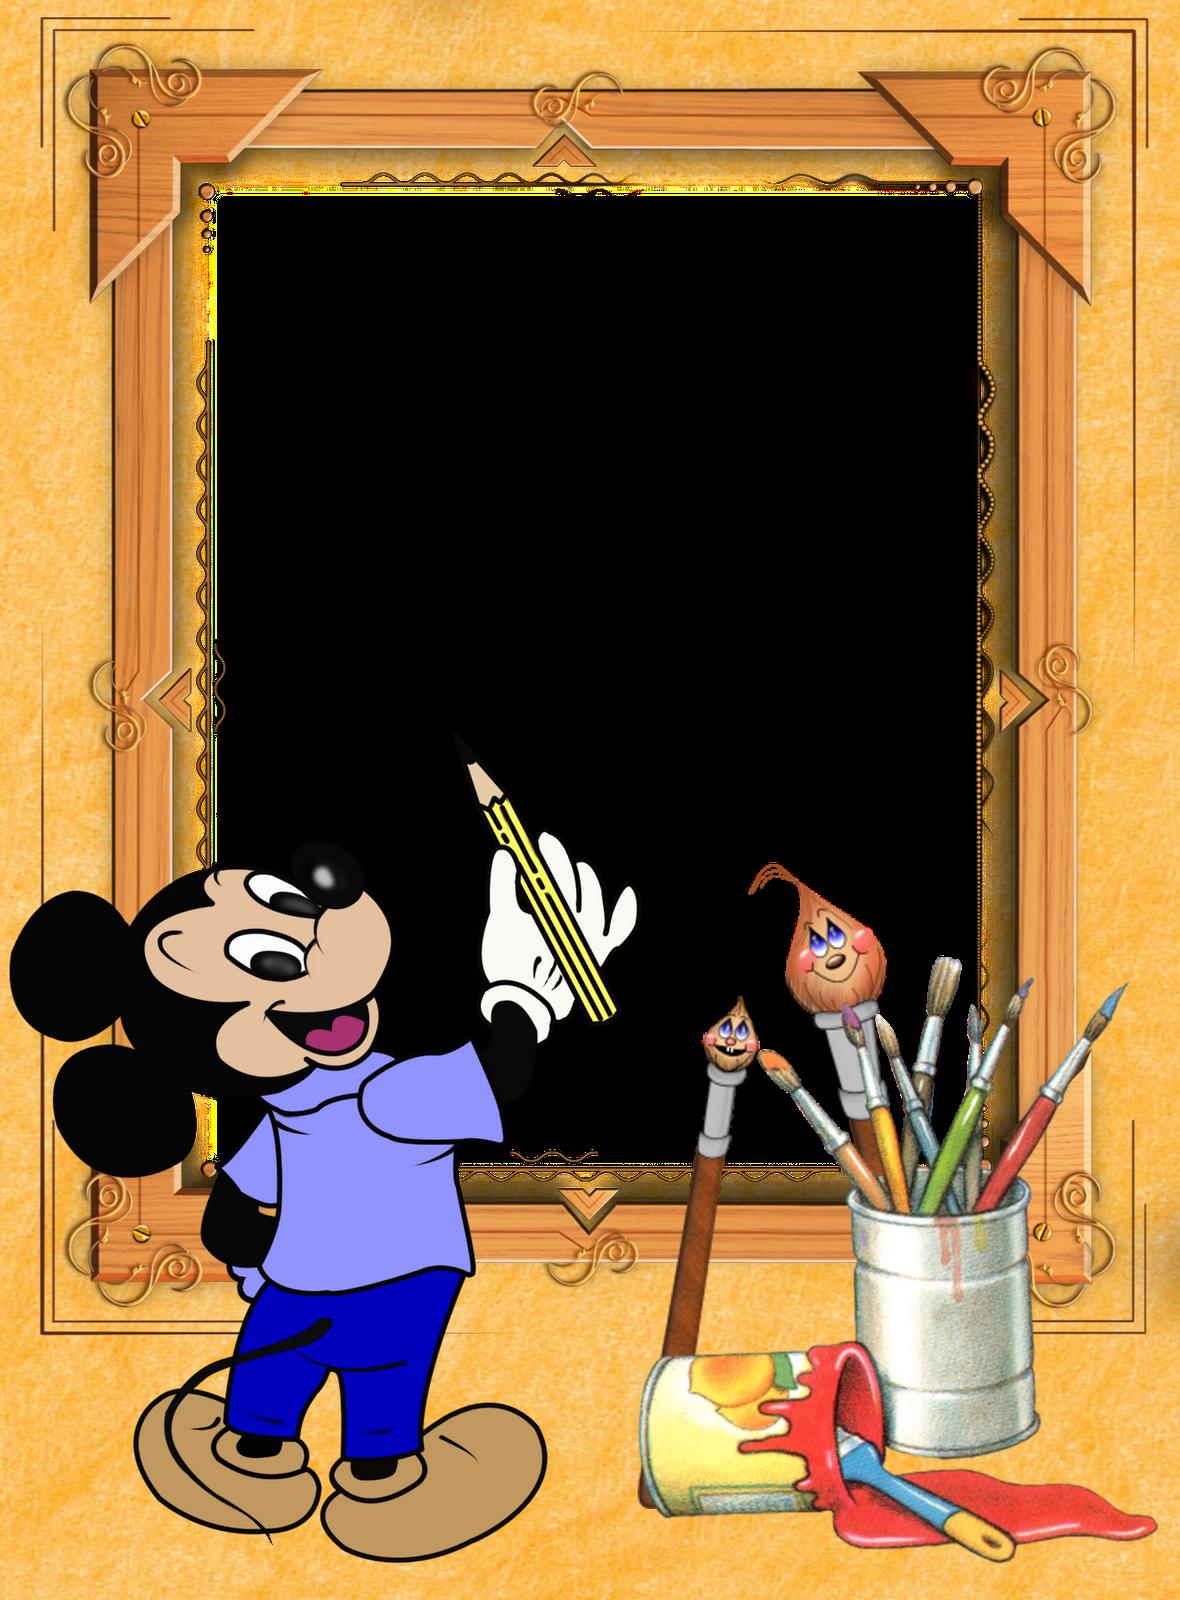 рамка я сам рисую для фото жилье могут